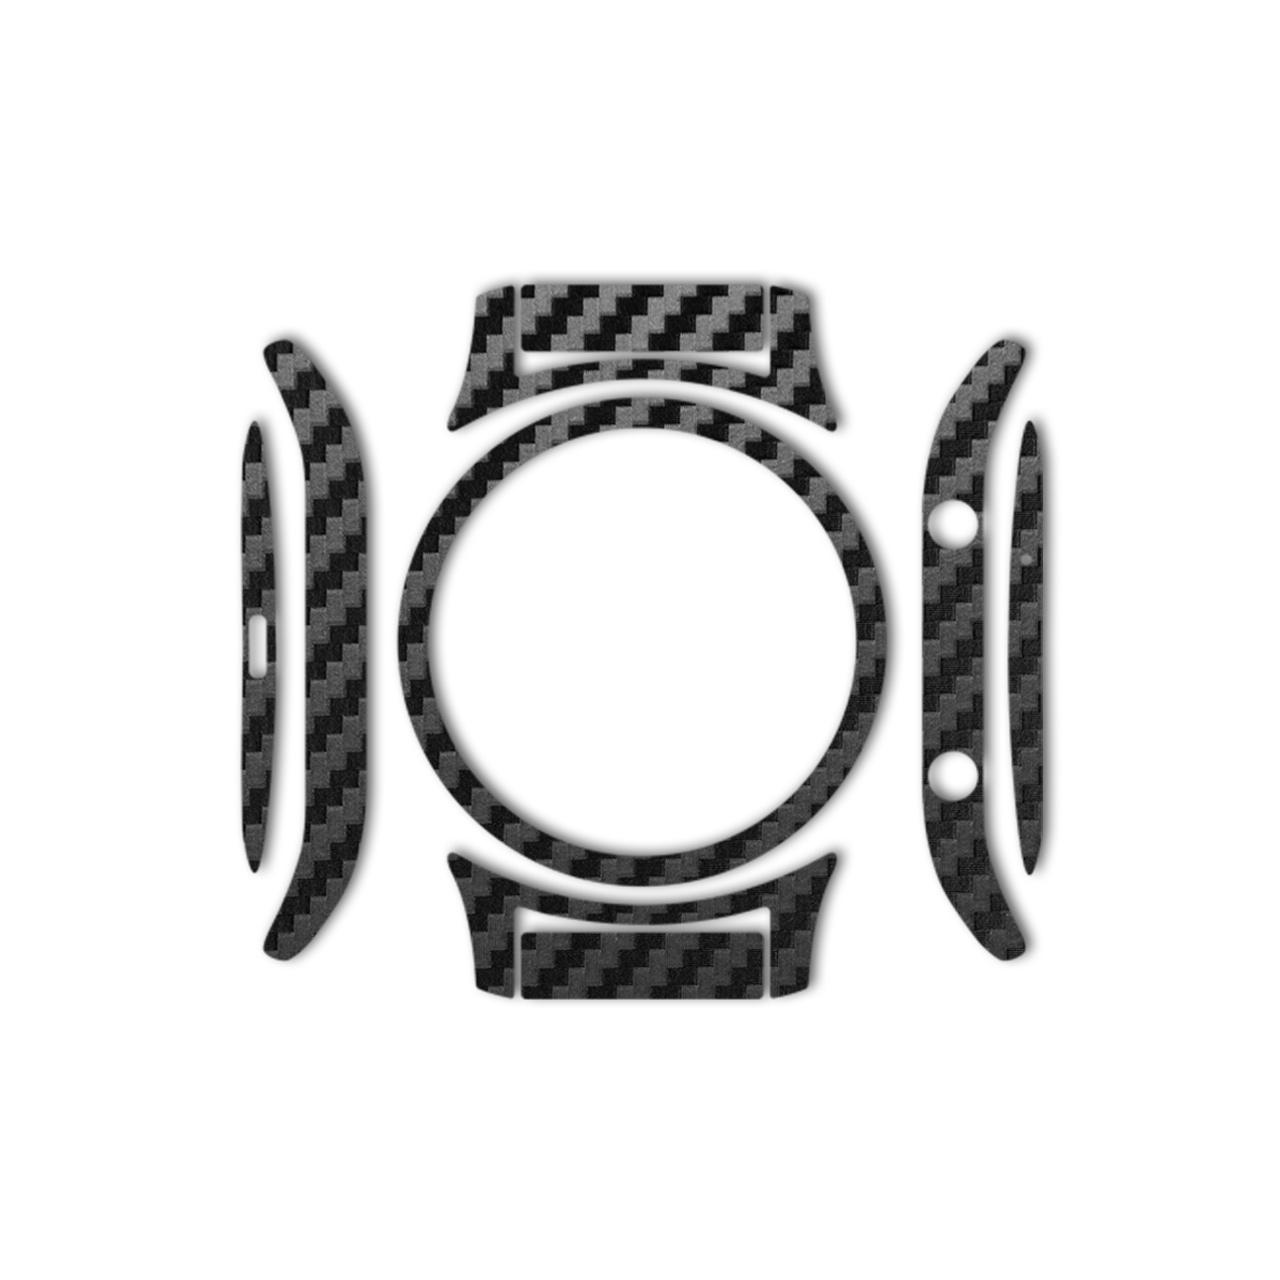 بسته 2 عددی برچسب ماهوت مدل Carbon-fiber مناسب برای ساعت هوشمند Samsung Gear S3 Classic